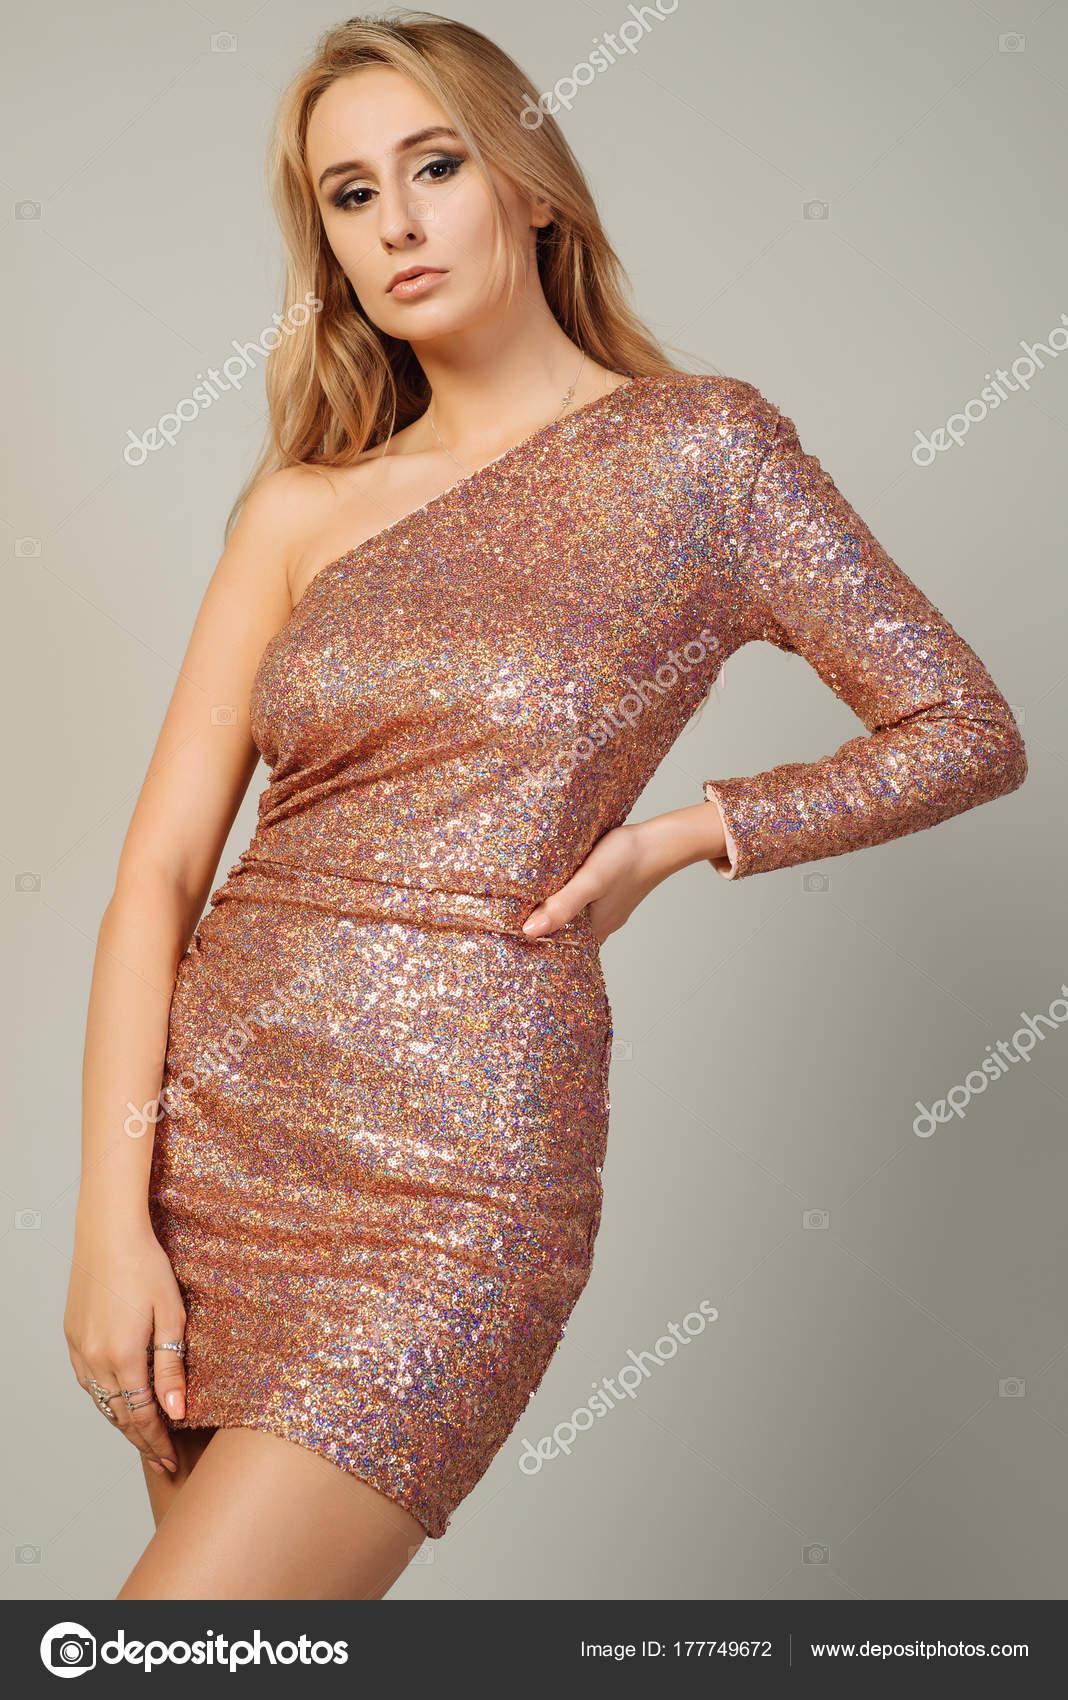 bf054b143c27 Όμορφη νεαρή γυναίκα που φοράει φόρεμα με παγιέτες — Φωτογραφία Αρχείου